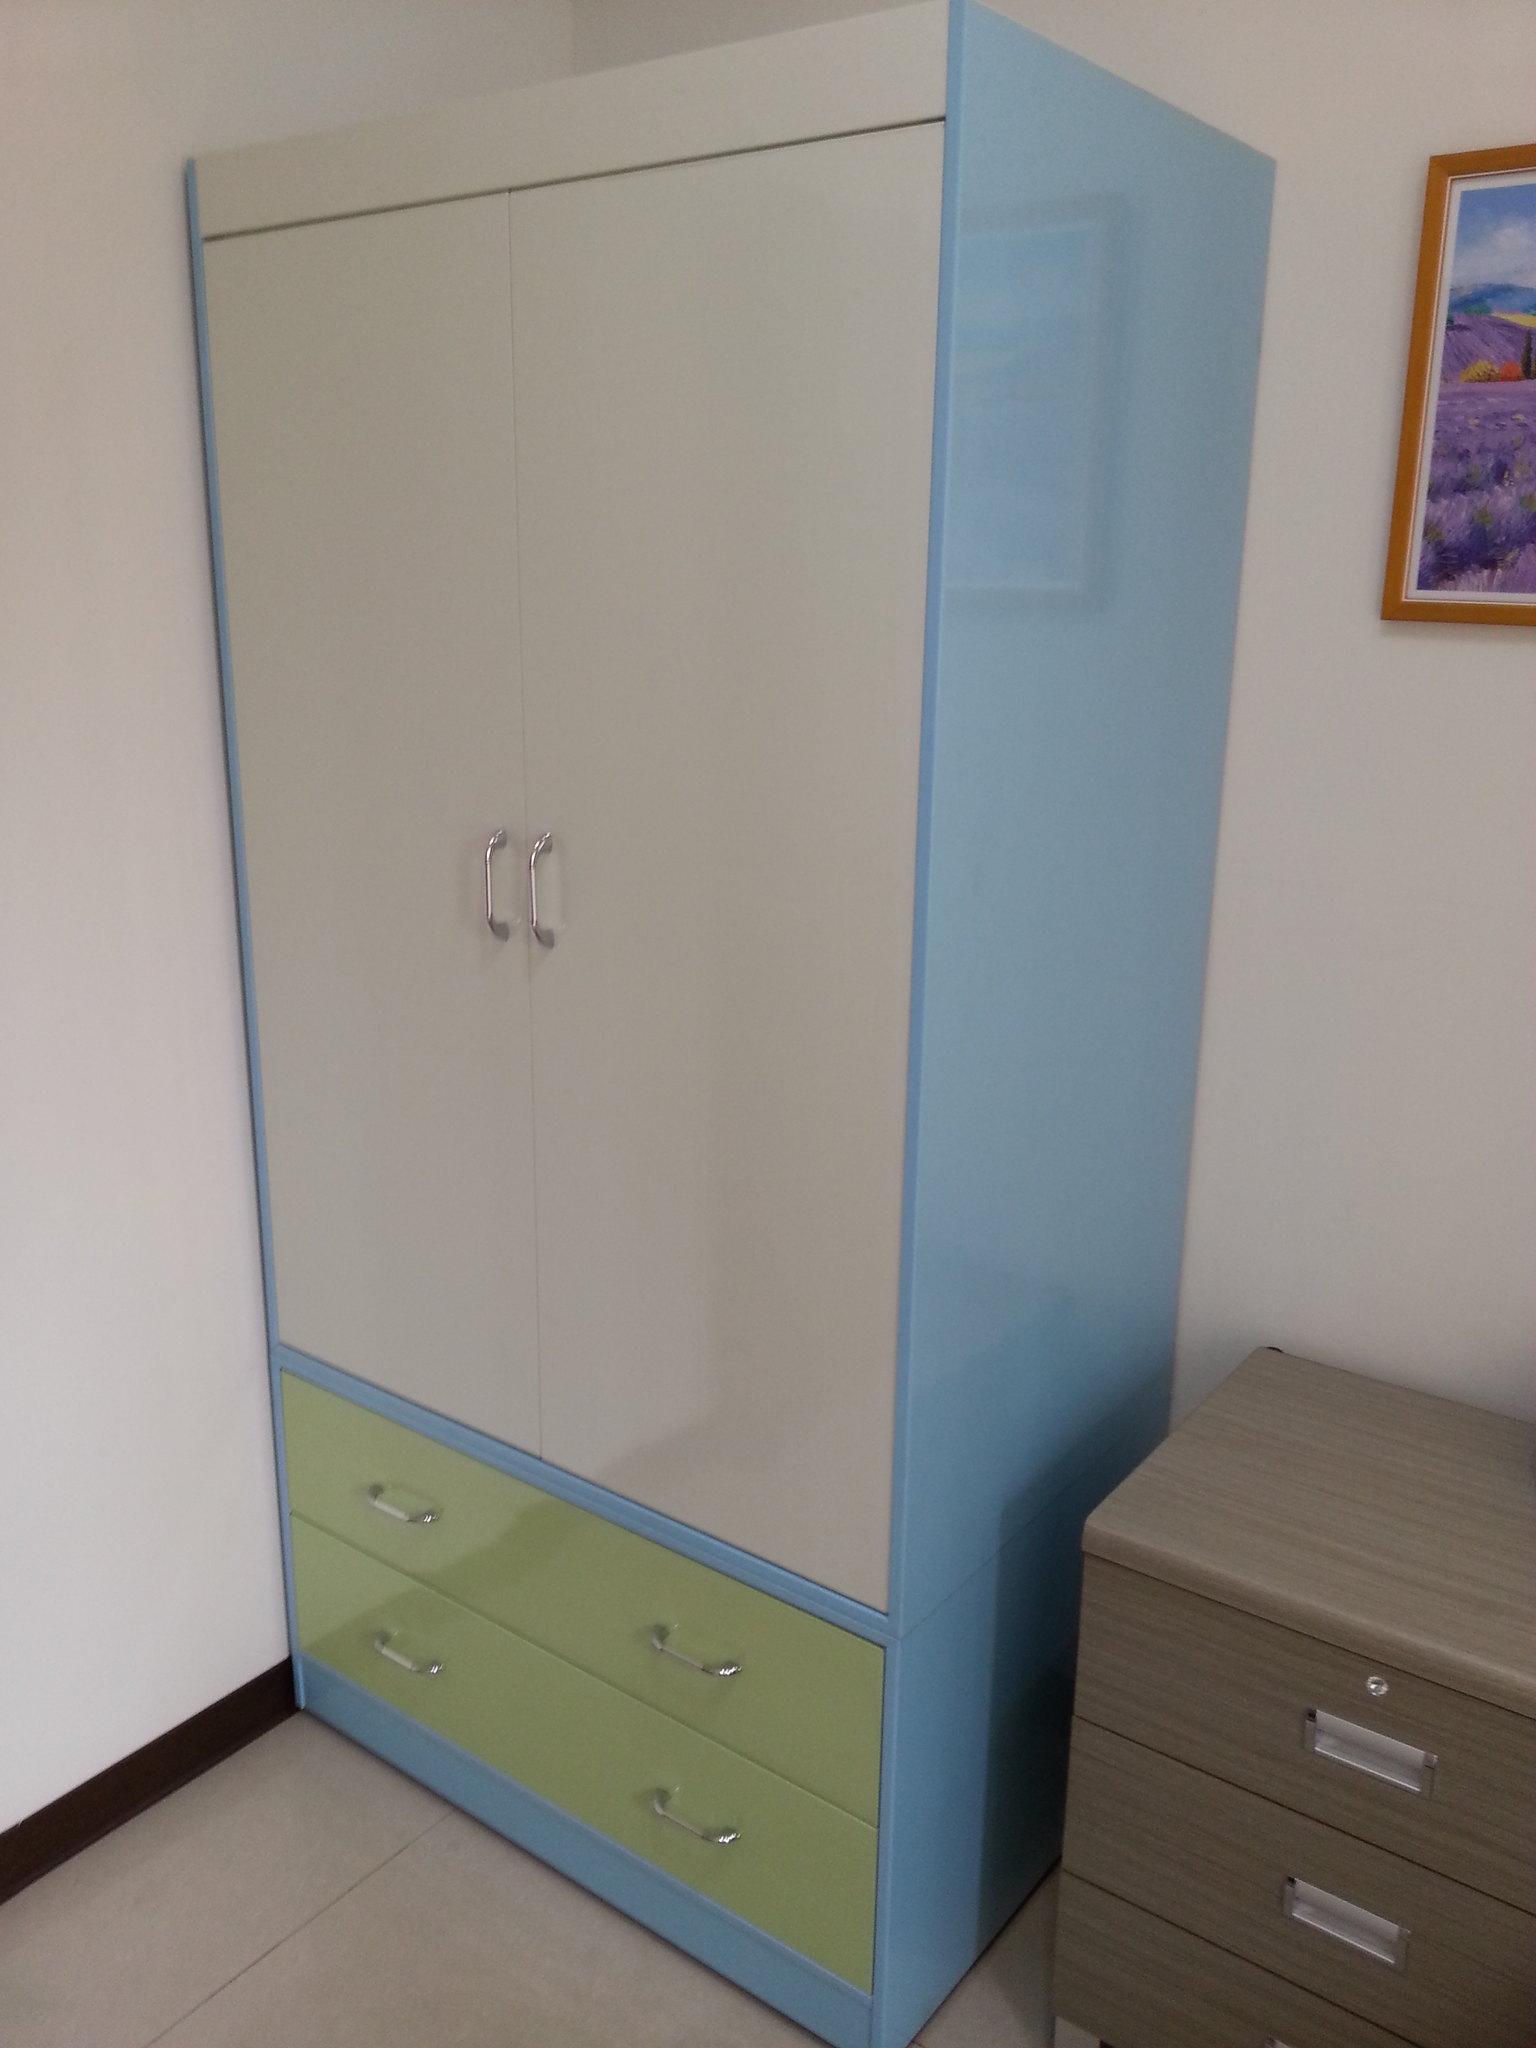 南亞塑鋼專賣-承鑫02 受夠了家具總是發霉 使用塑鋼家具讓你遠離發霉的煩惱 新竹塑鋼家具誠摯歡迎你的來電